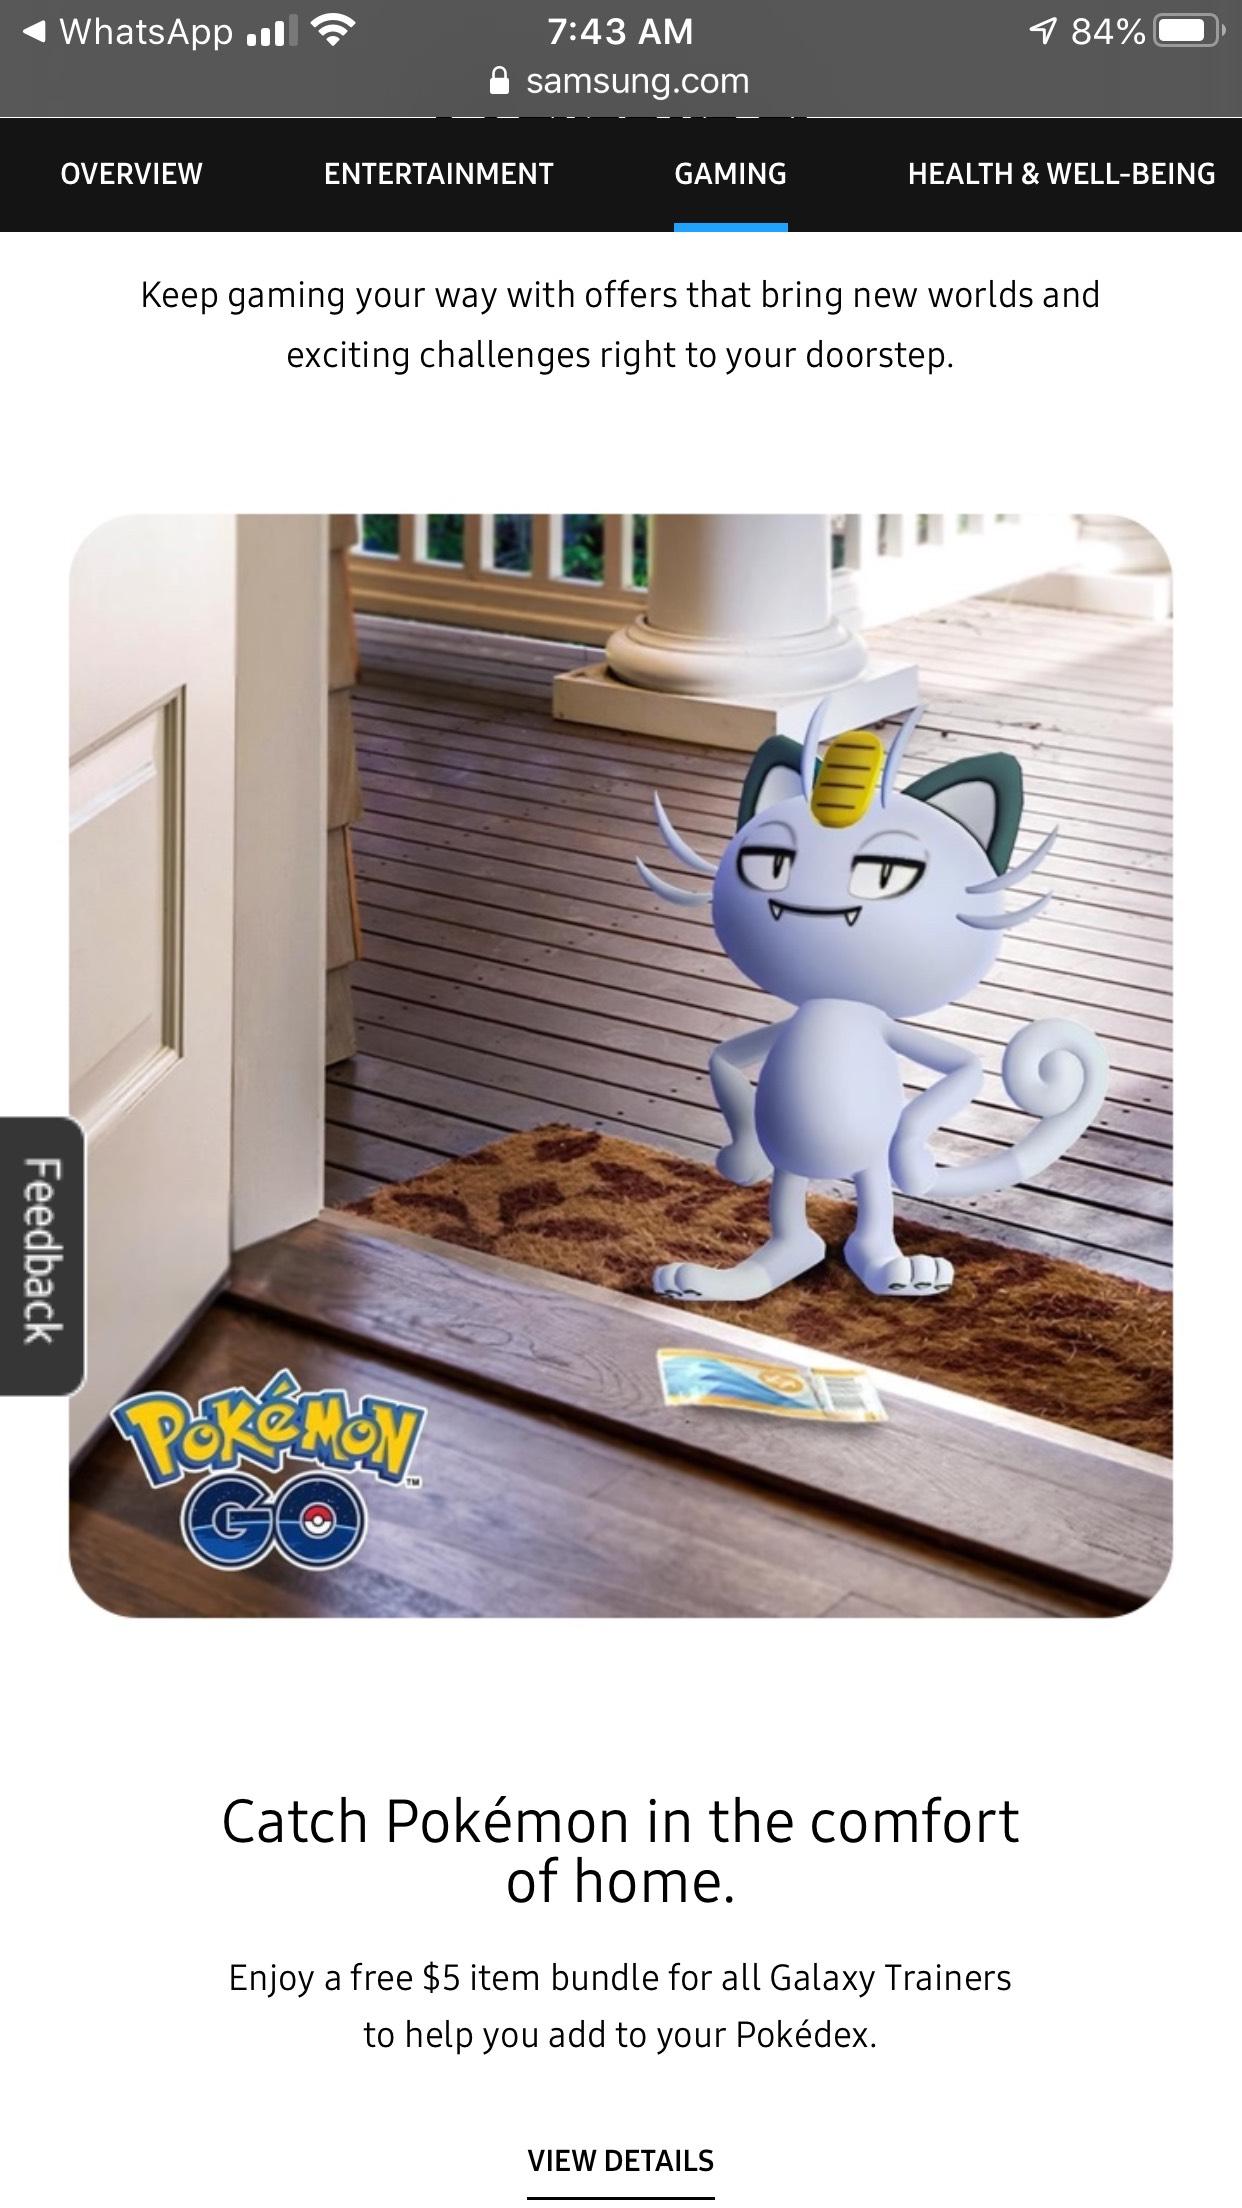 Samsung y Pokémon GO: Paquete Gratis con 3 inciensos, 1 Pokocho y 35 Pokéballs.